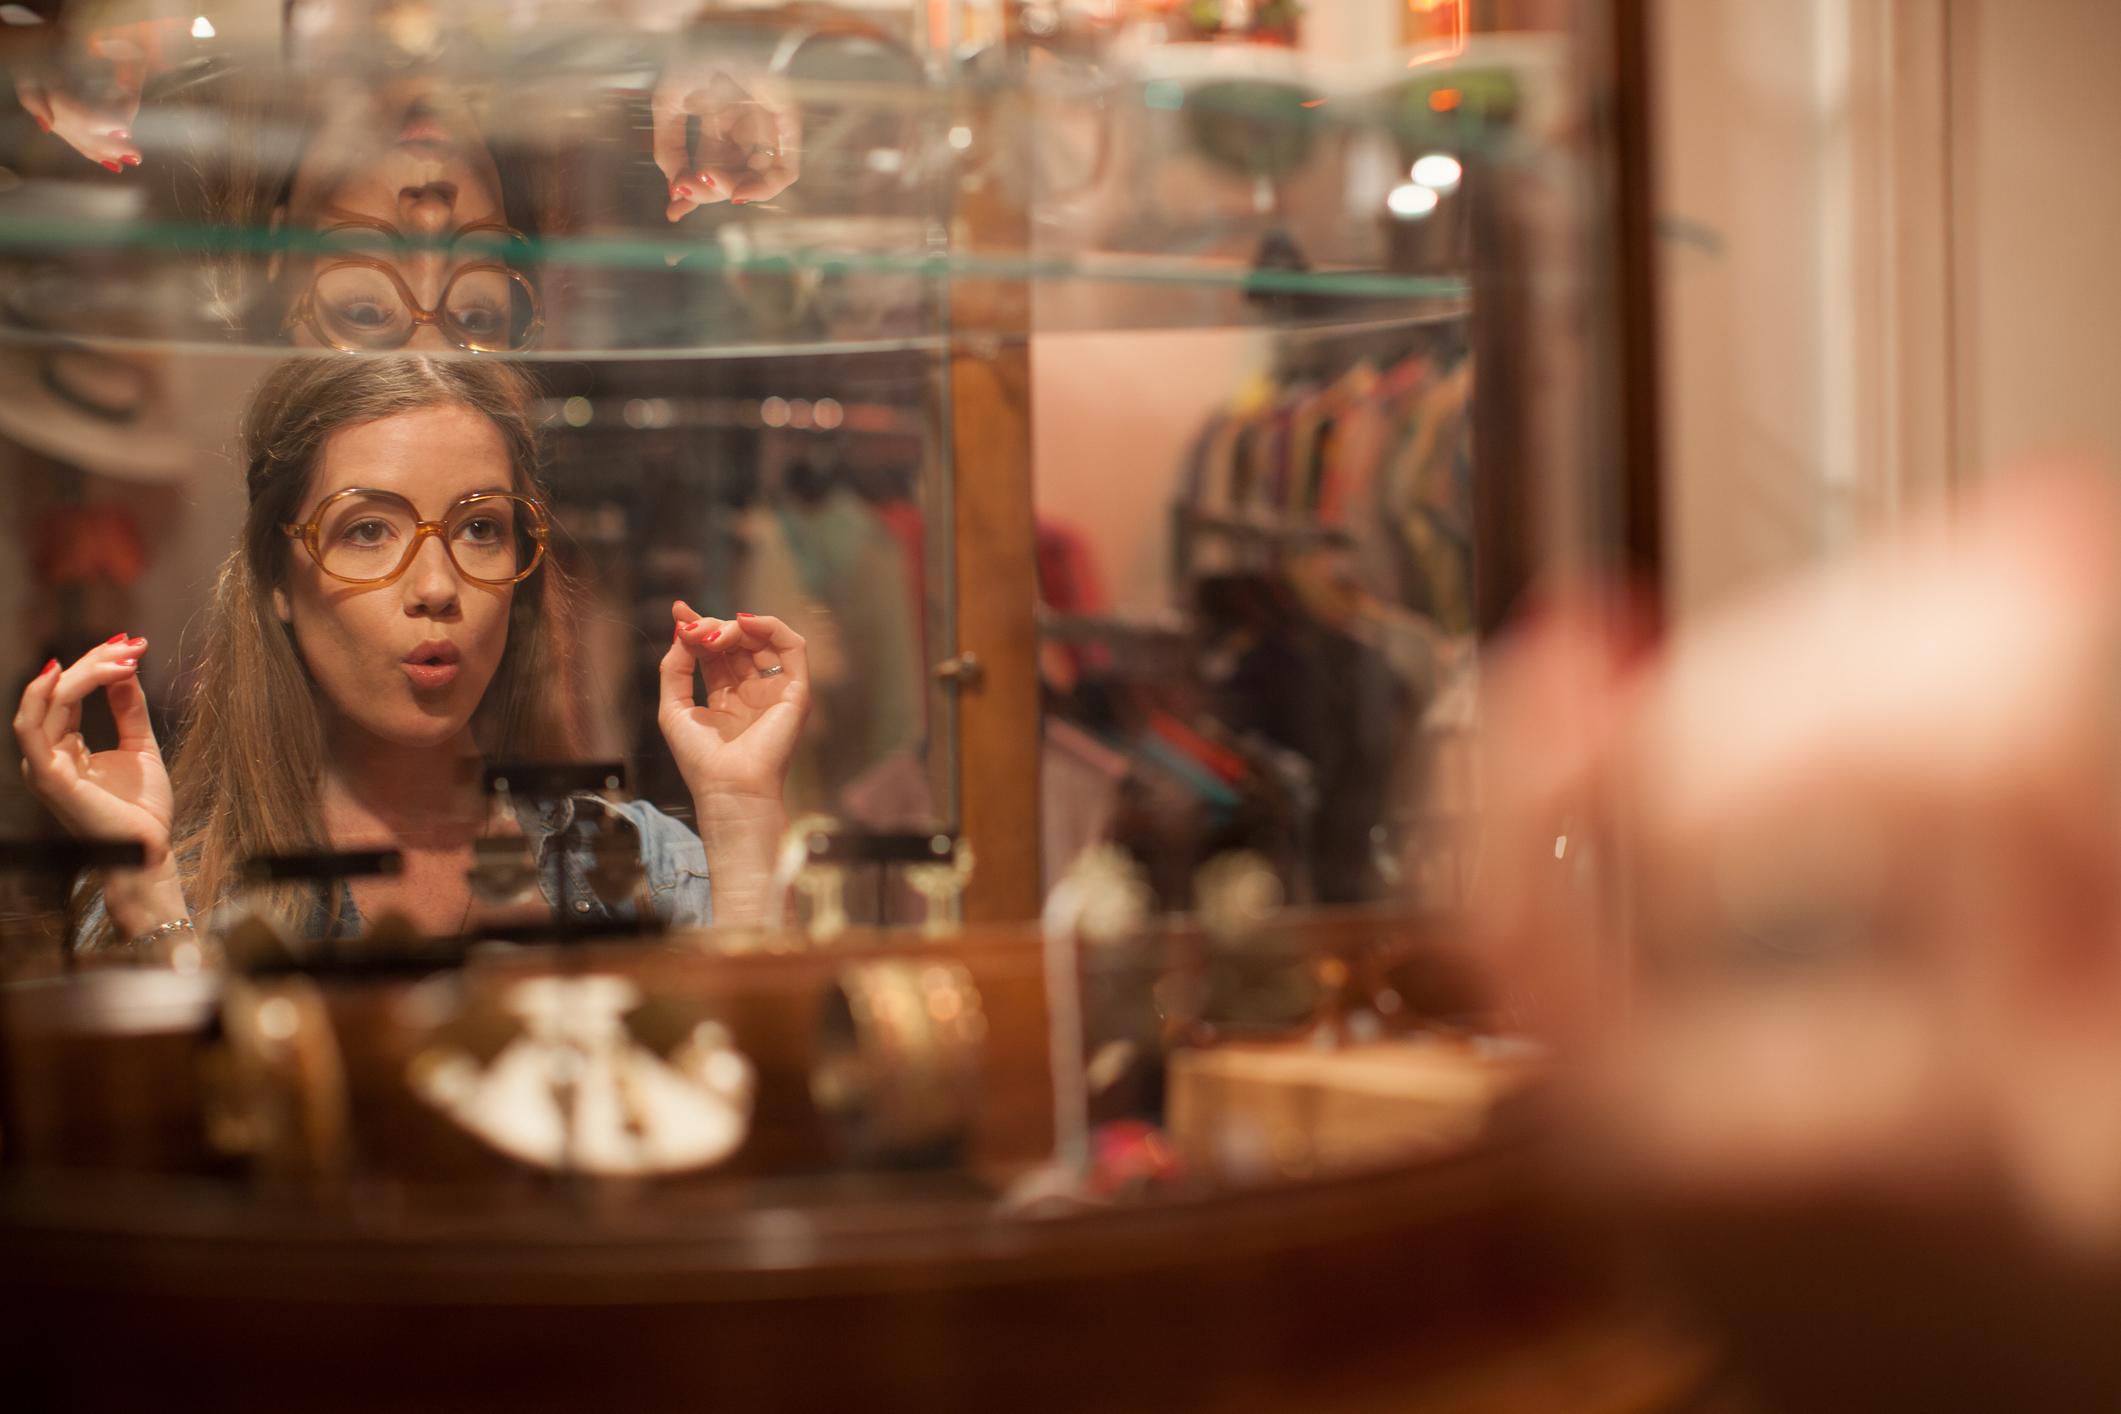 ec8ef618a3a375 Jak sprzedawać używane ubrania? Rady od najlepszych sklepów vintage -  Elle.pl - trendy wiosna lato 2019: moda, modne fryzury, buty, manicure,  sukienki, ...